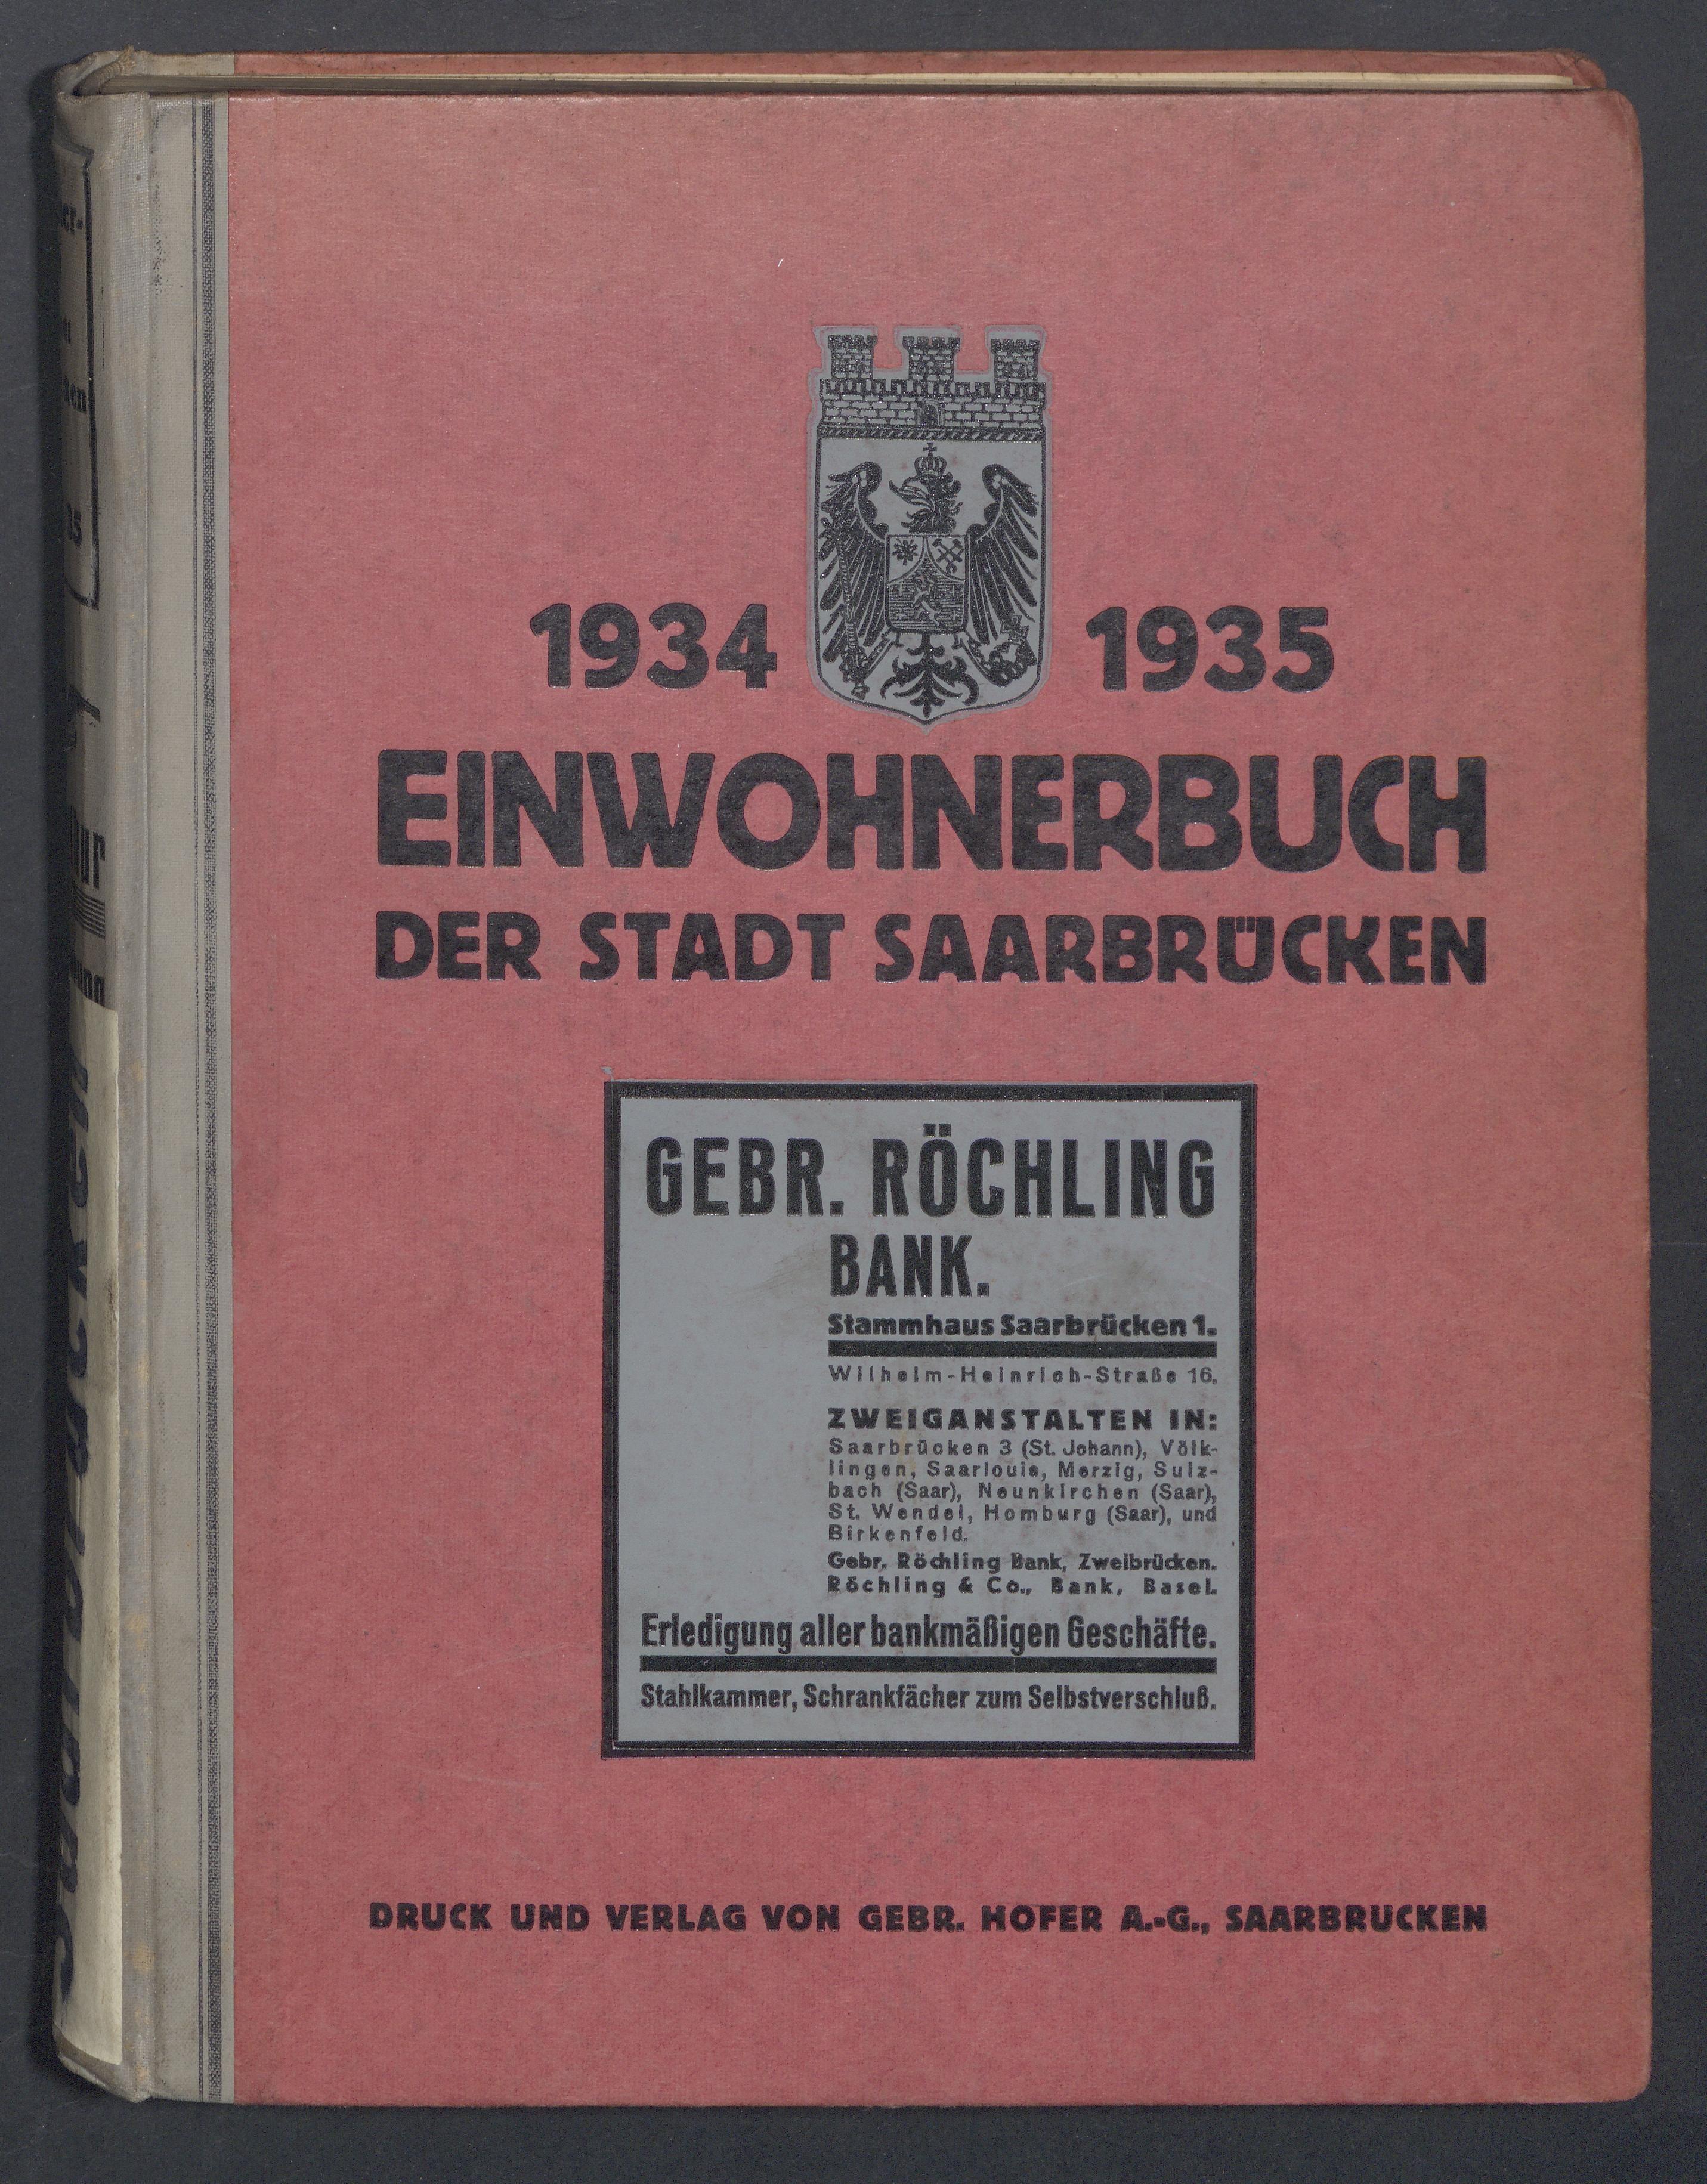 Einwohnerbuch der Stadt Saarbrücken 1934/1935